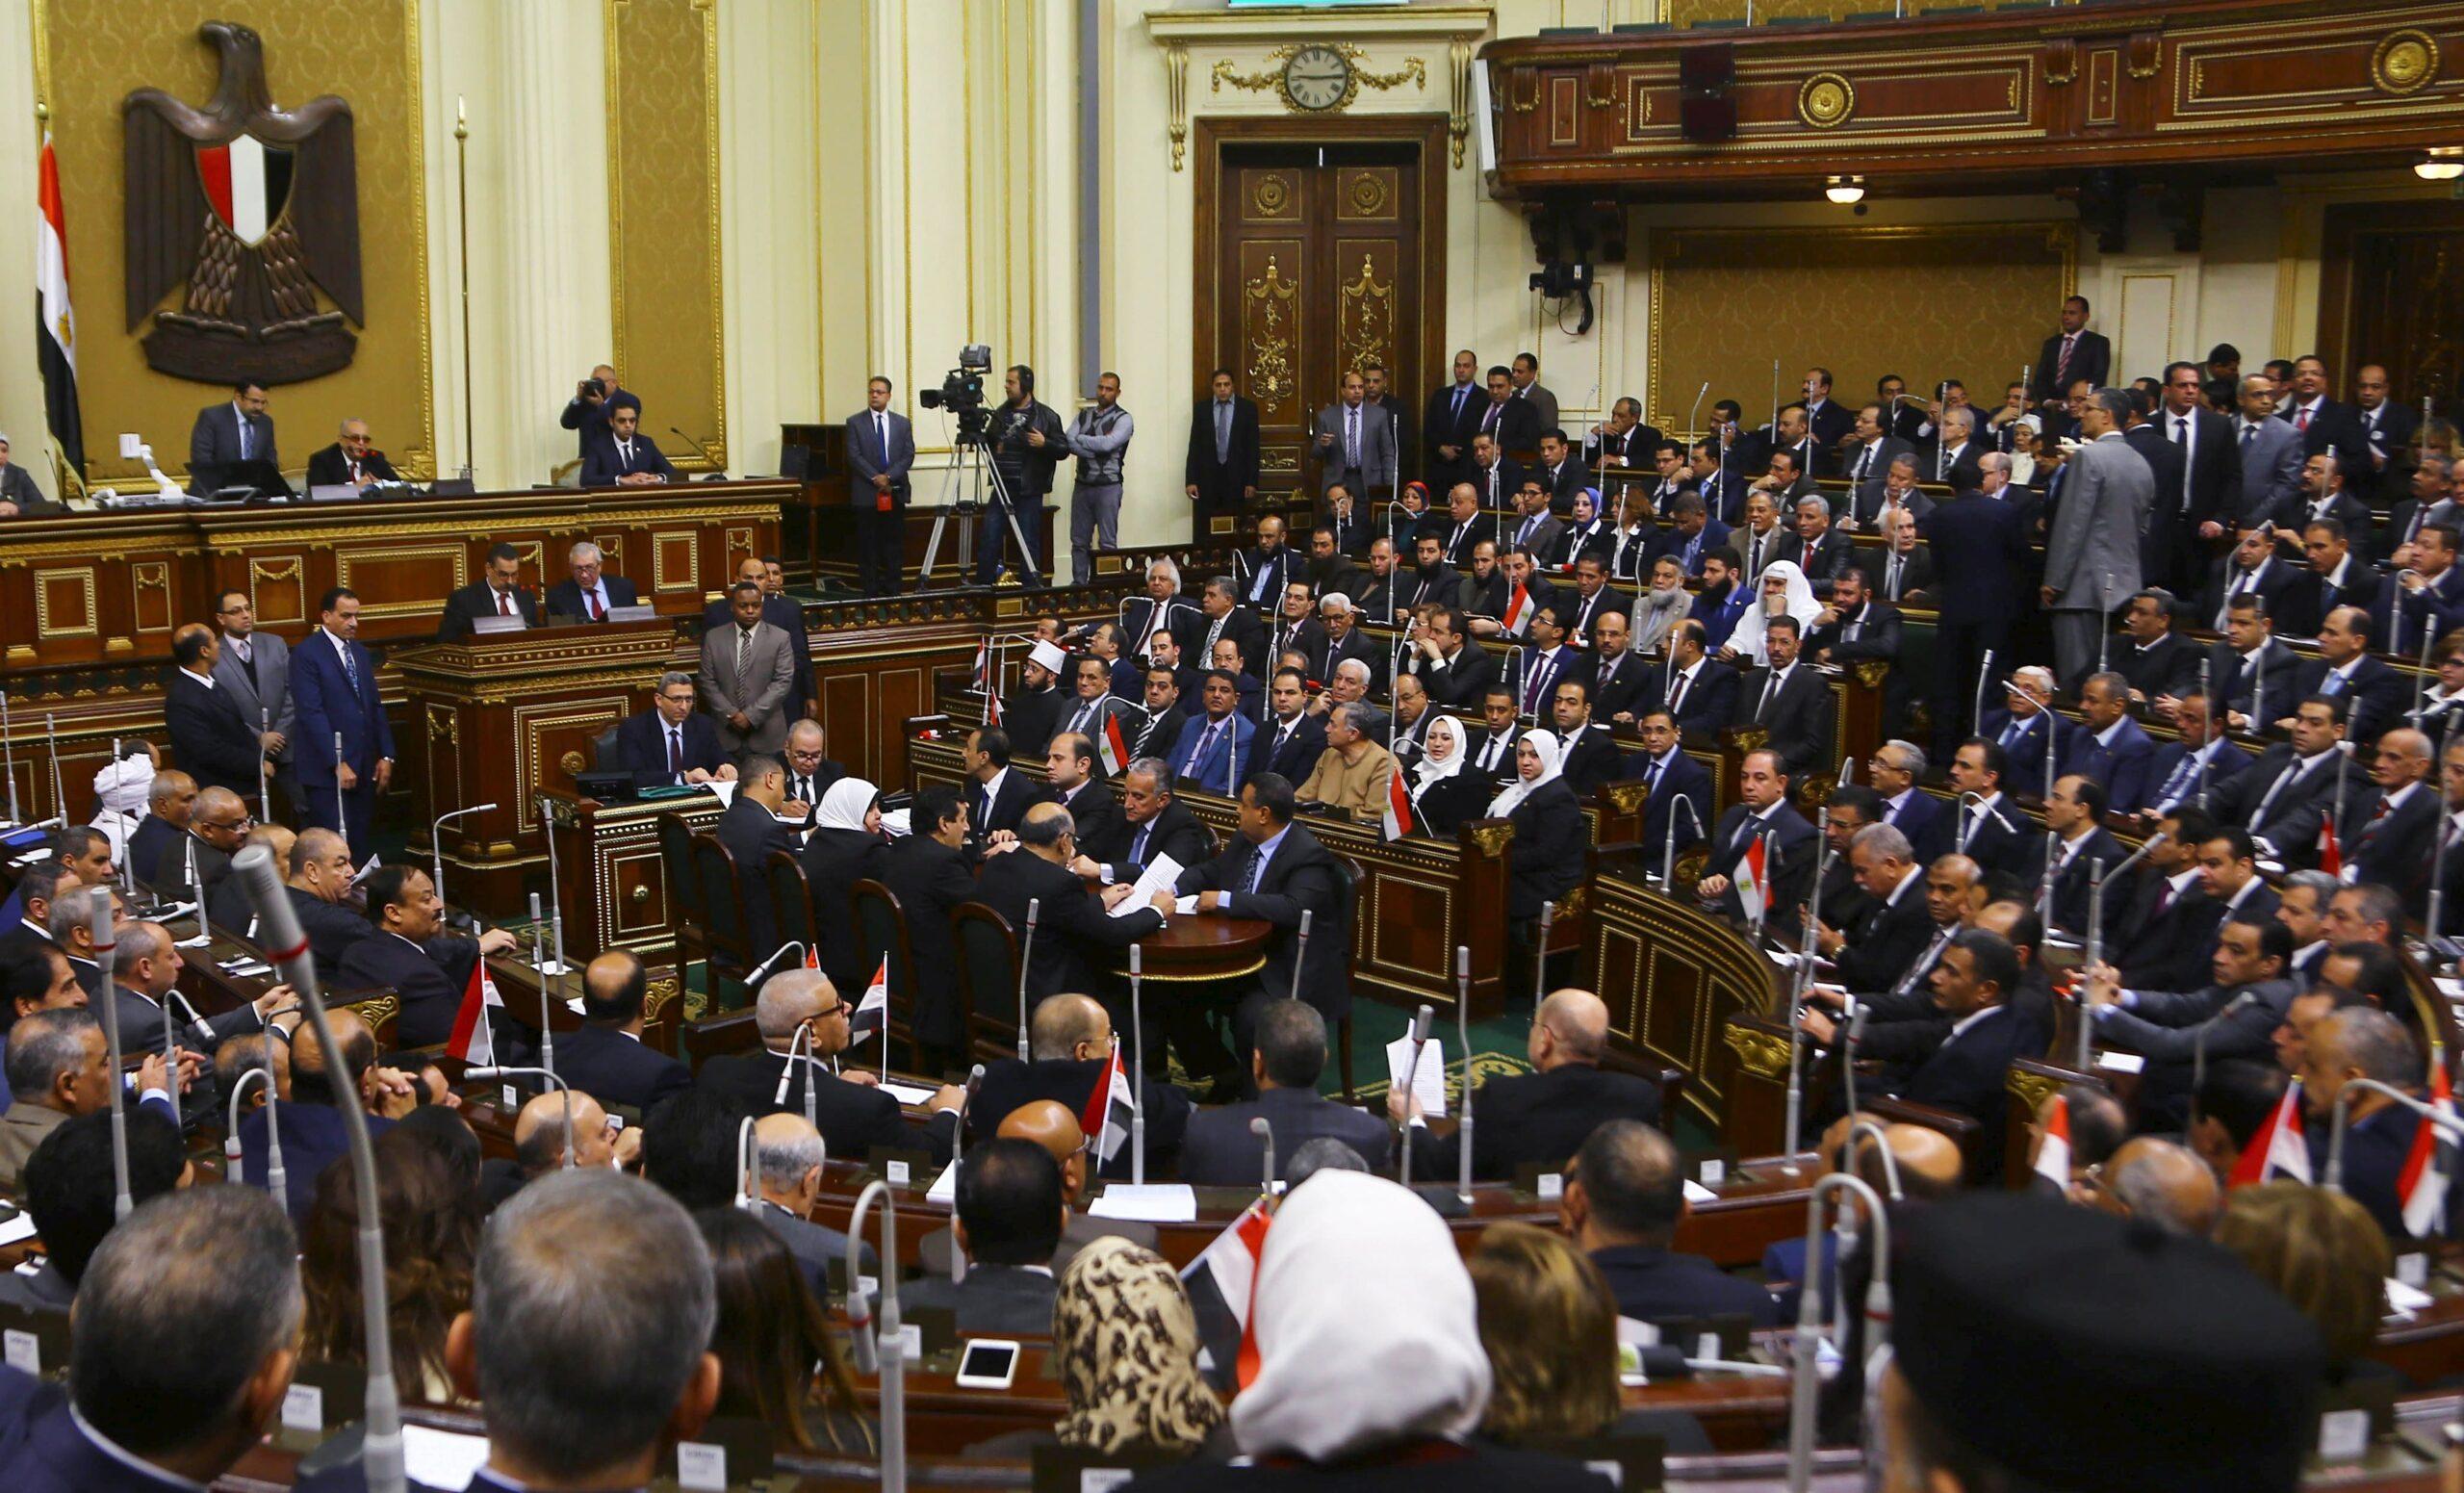 إقرار قانون الجمعيات الأهلية في مصر: التكلفة السياسية والاجتماعية